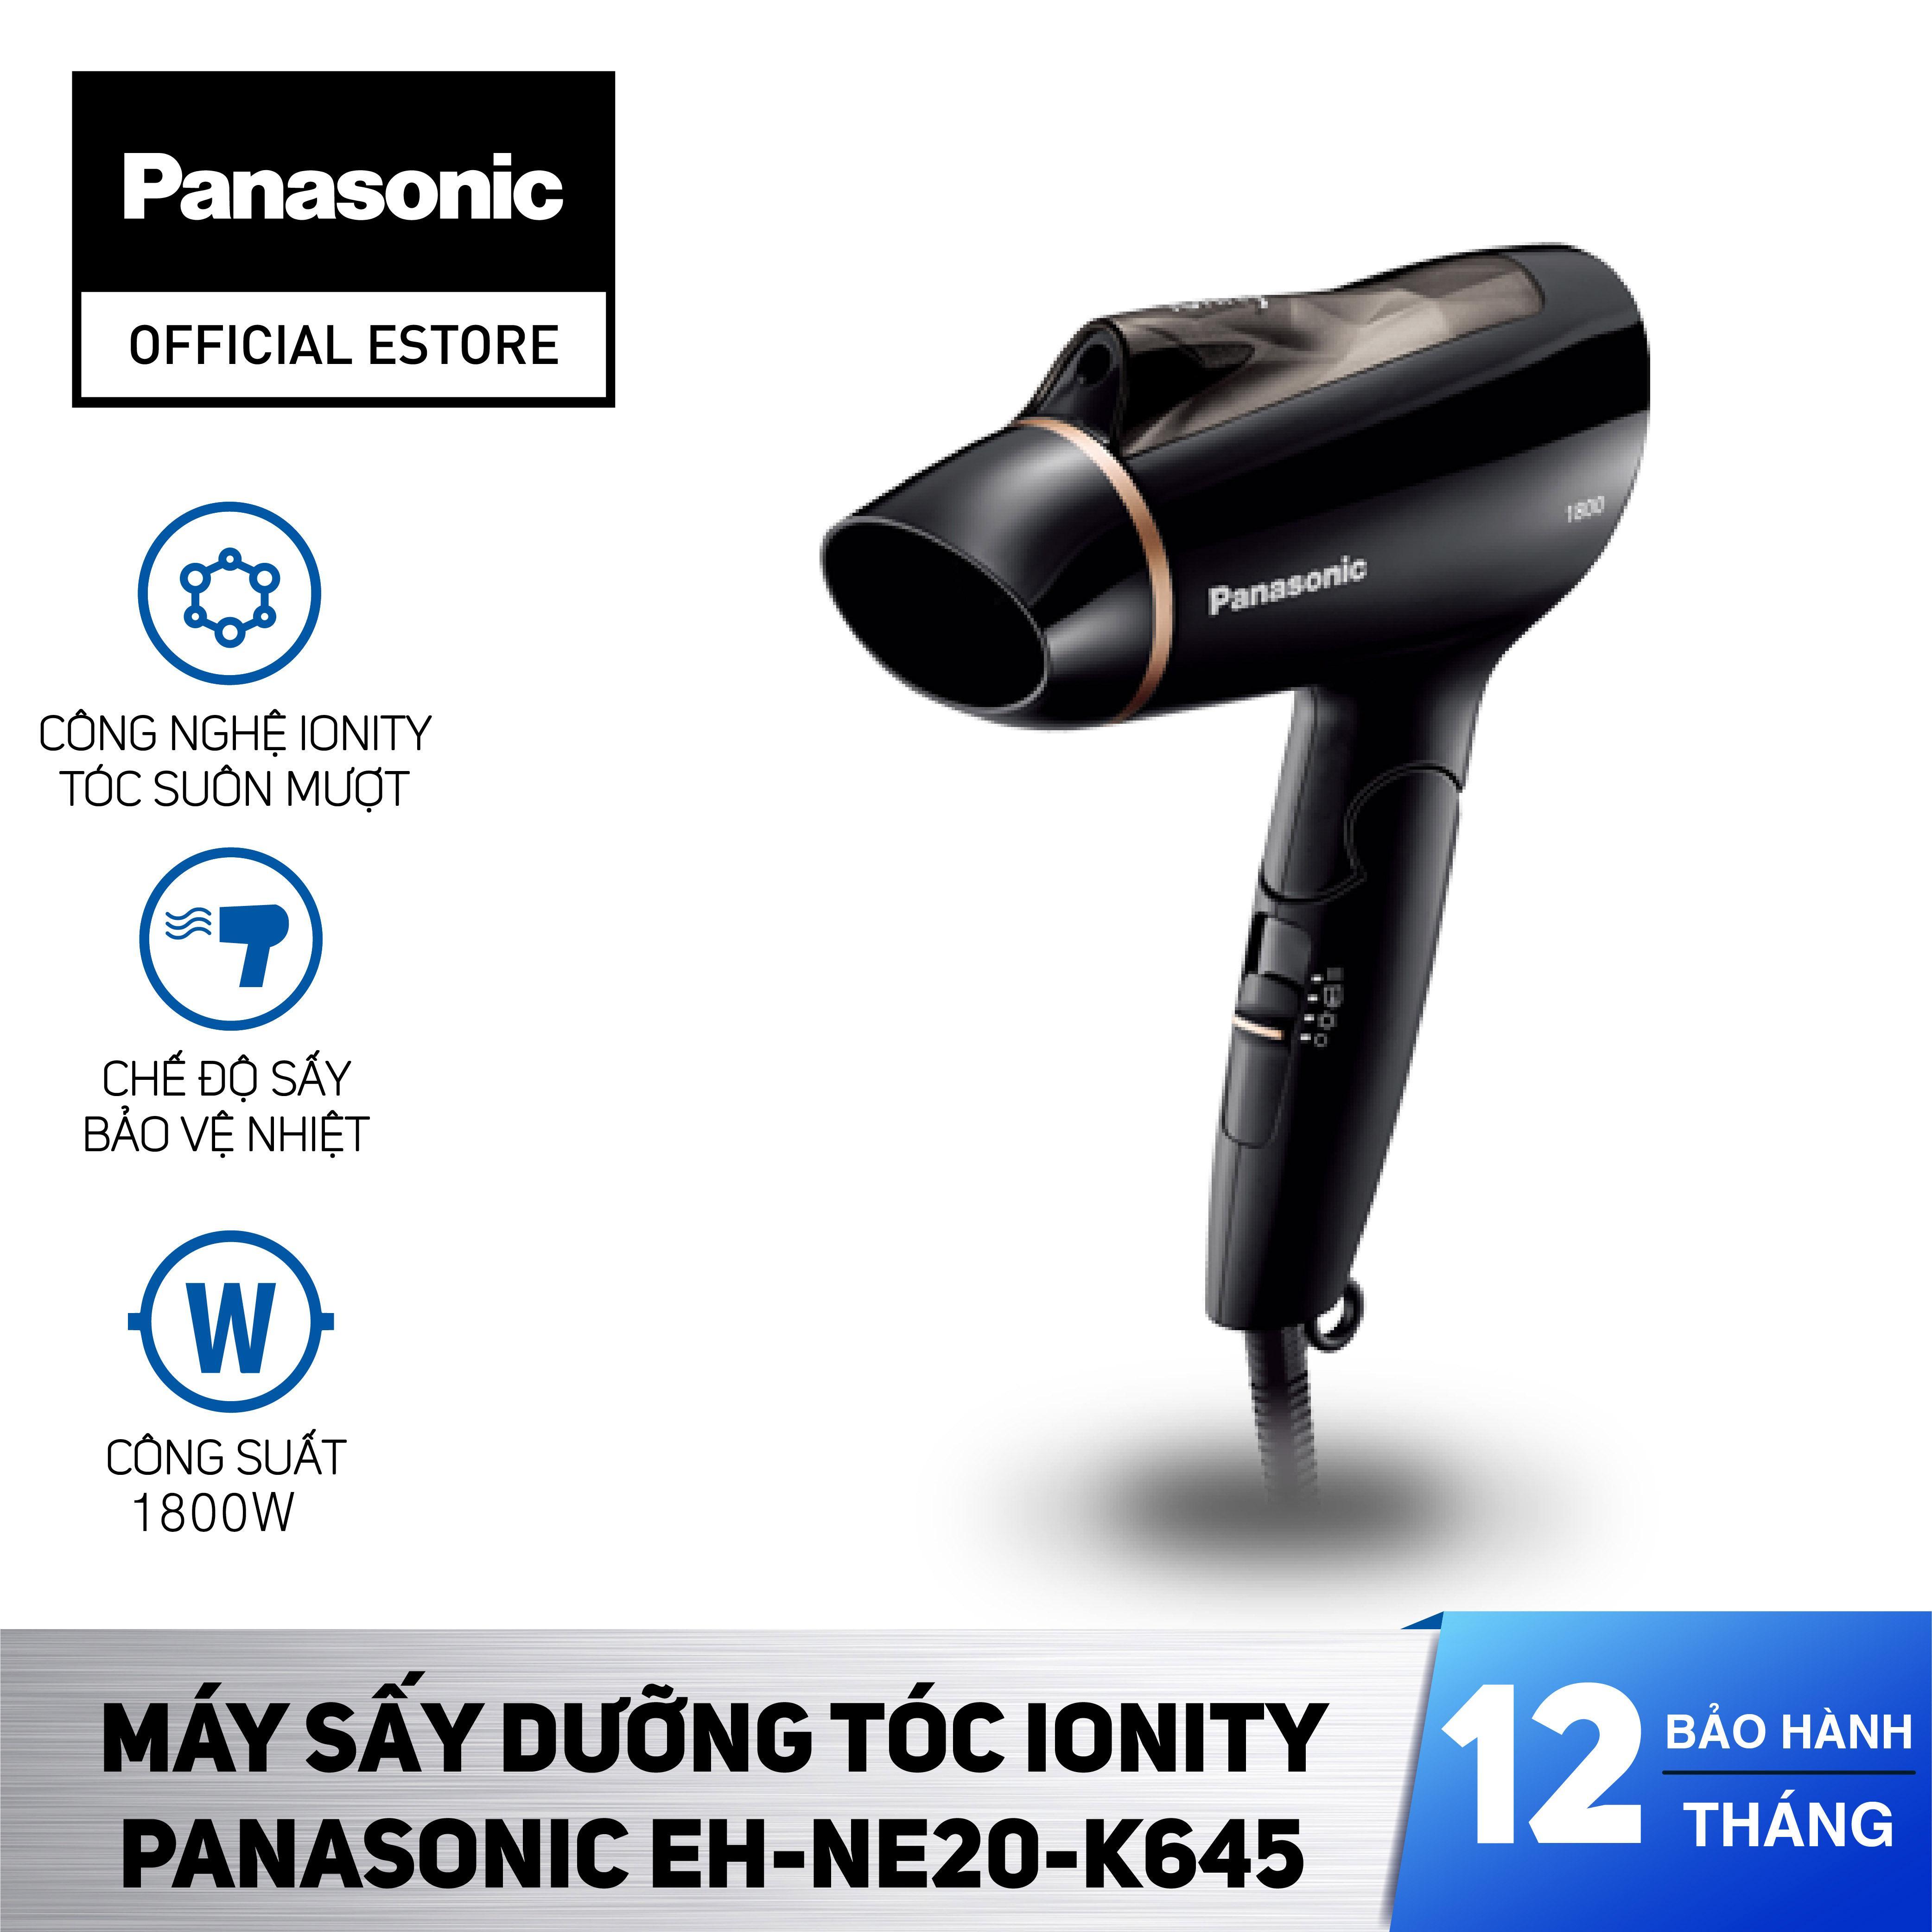 Máy Sấy Dưỡng Tóc Ionity Panasonic EH-NE20-K645 - Sấy Ion bảo vệ tóc - Tay cầm gập tiện lợi - Bảo Hành 12 Tháng - Hàng Chính Hãng nhập khẩu